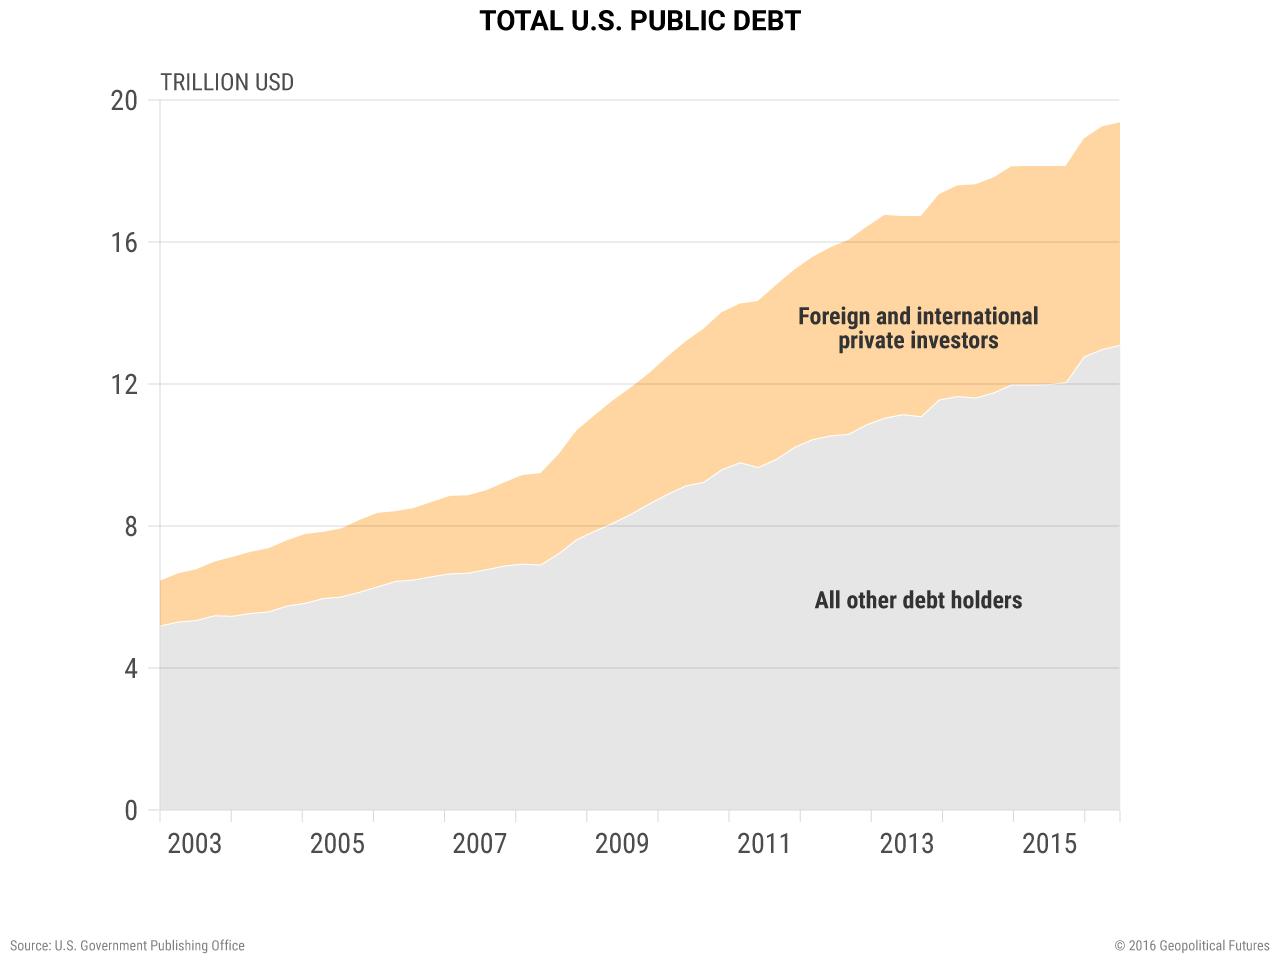 Total U.S. Public Debt